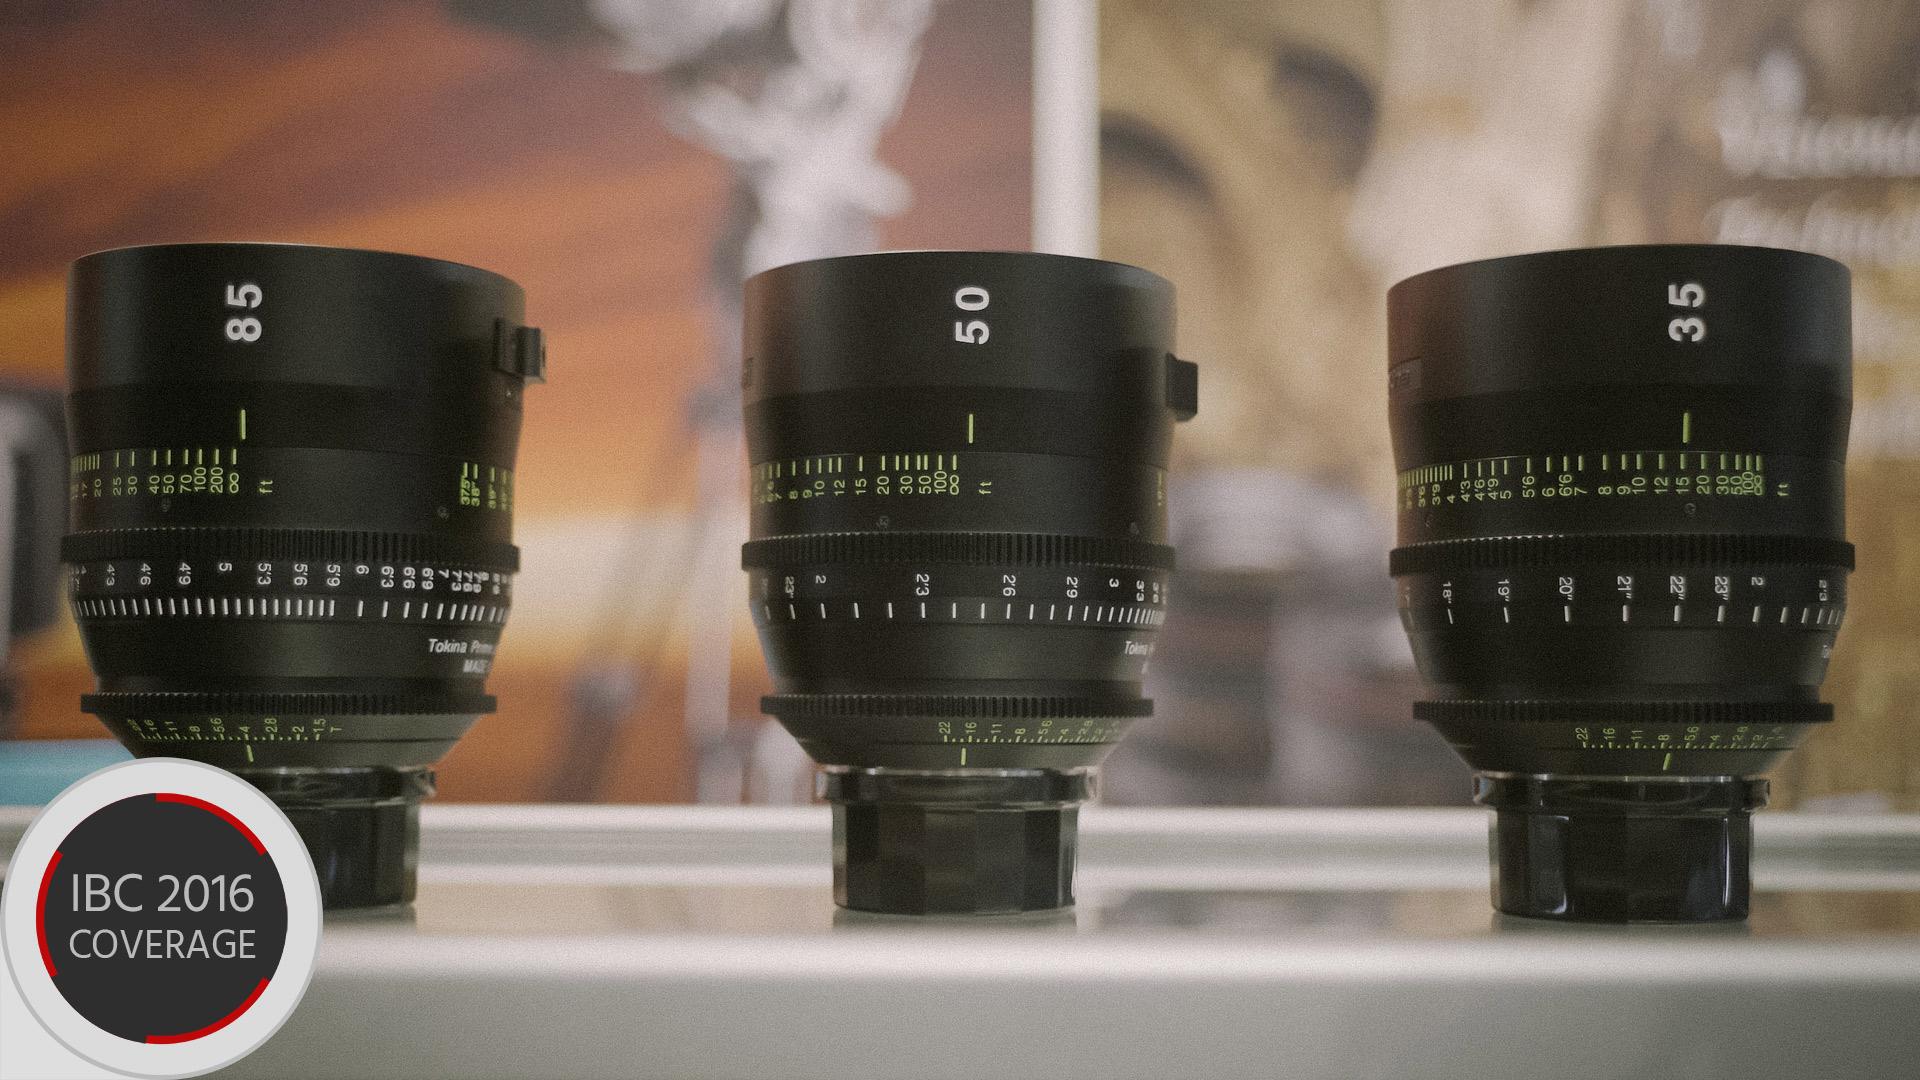 トキナがシネマレンズ発表-3種のプライム 35mm、50mm、85mm/T1.5